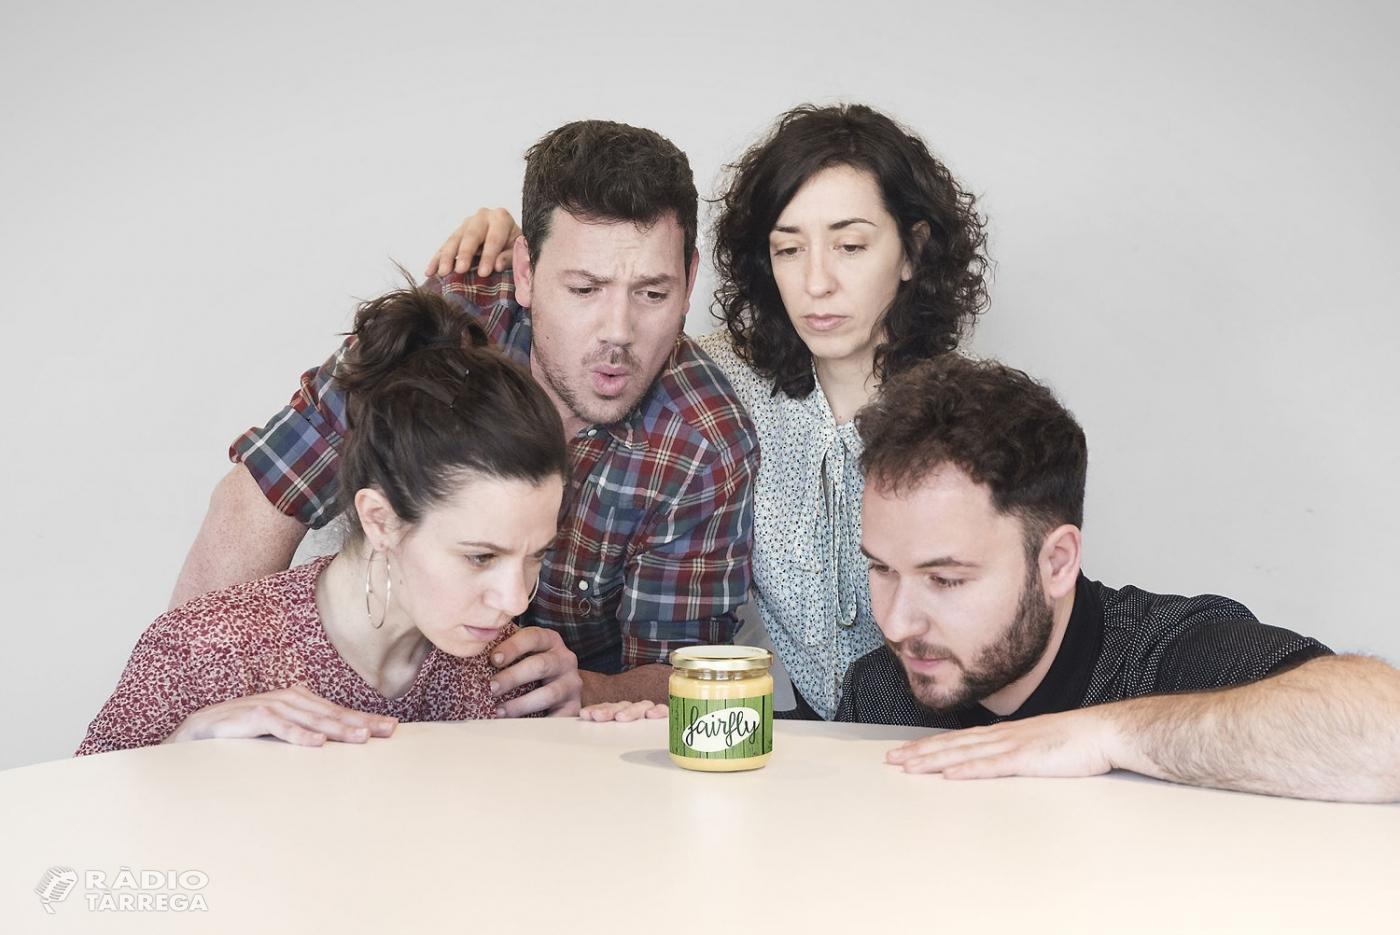 """La Temporada de Teatre de Tàrrega porta el dissabte 15 de desembre la comèdia """"Fairfly"""", èxit de l'escena independent"""